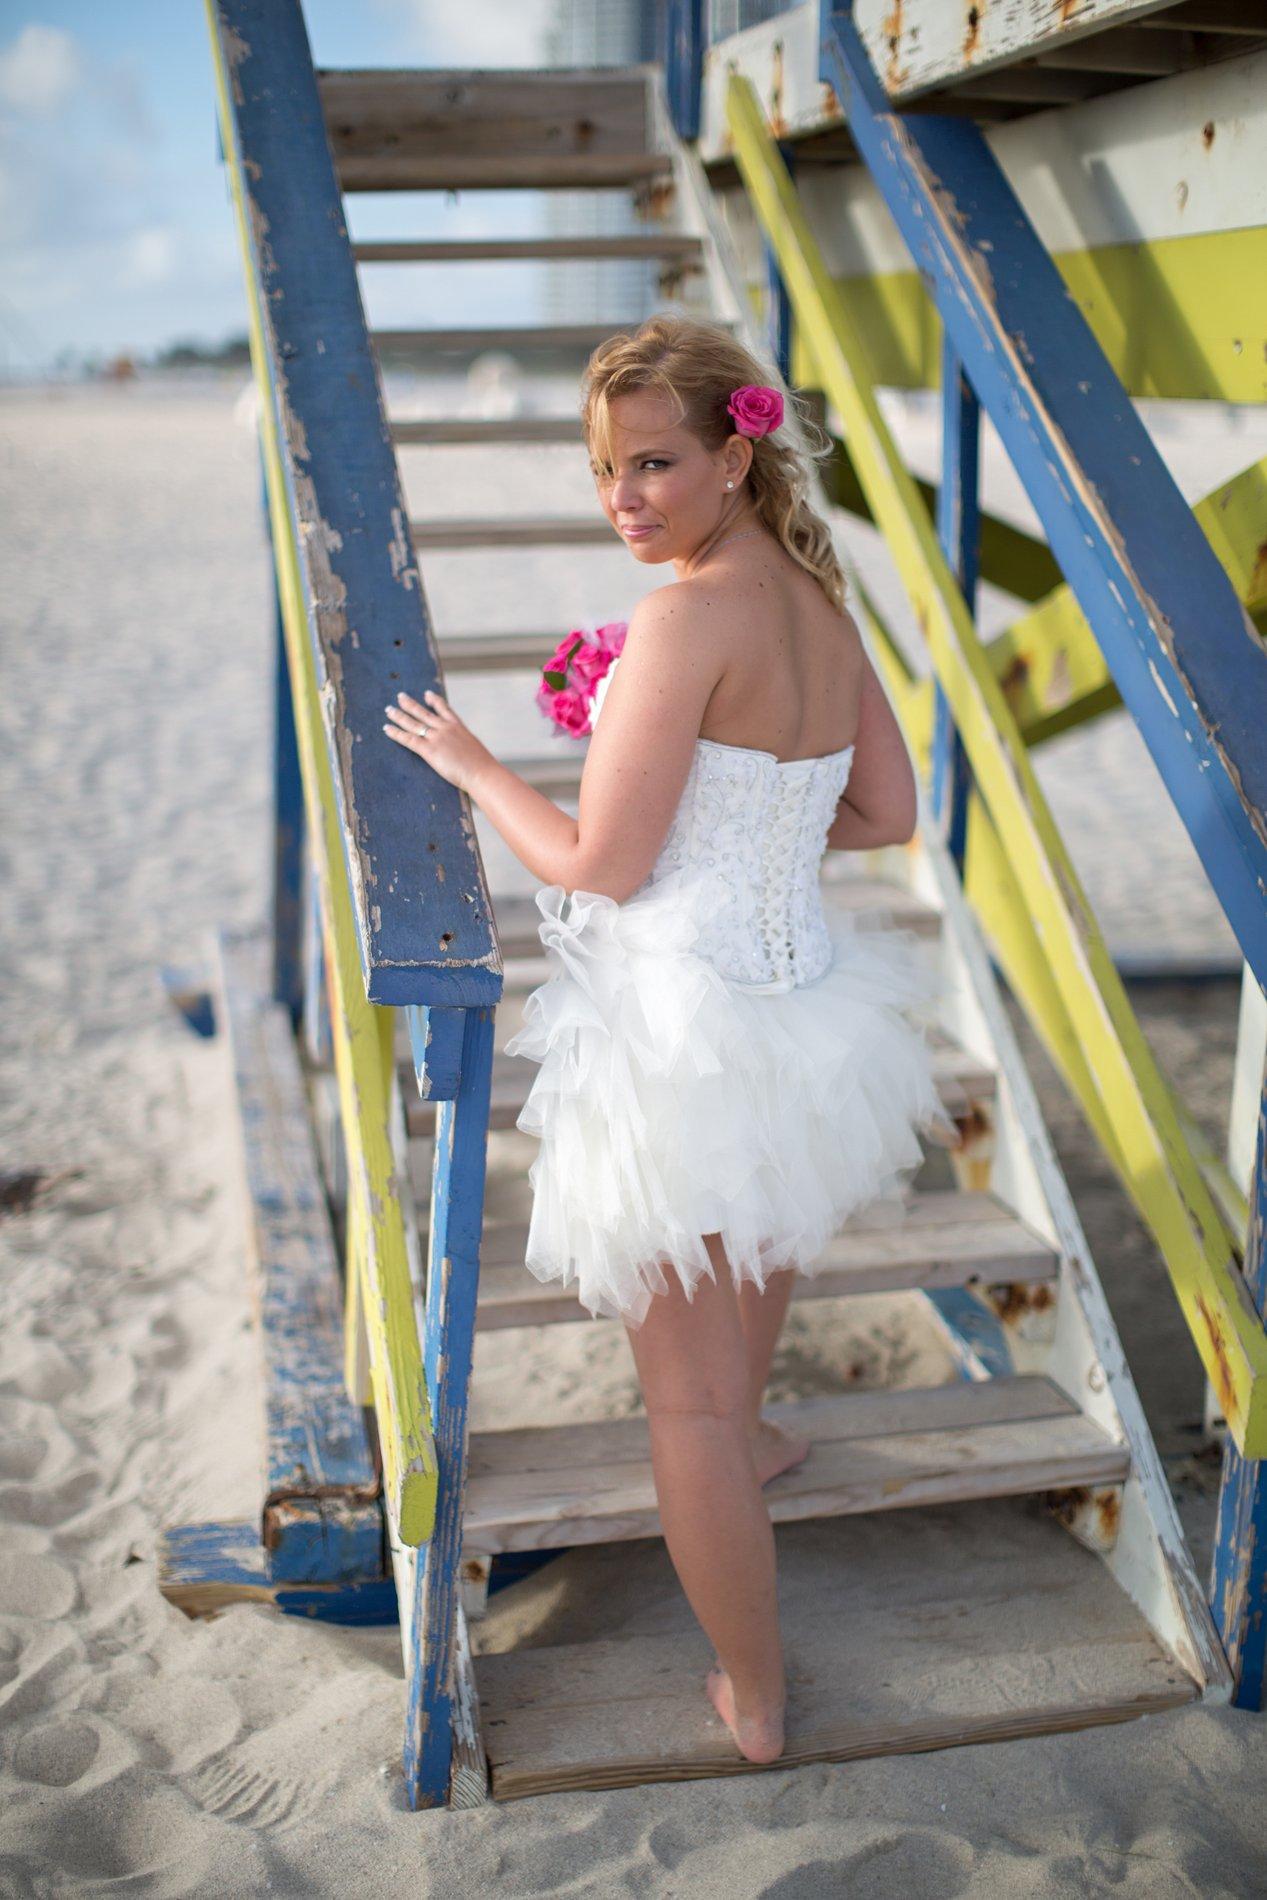 hochzeit-am-strand-von-florida-in-deutscher-sprache-a1-036 Tom's Miami Beach Elopement